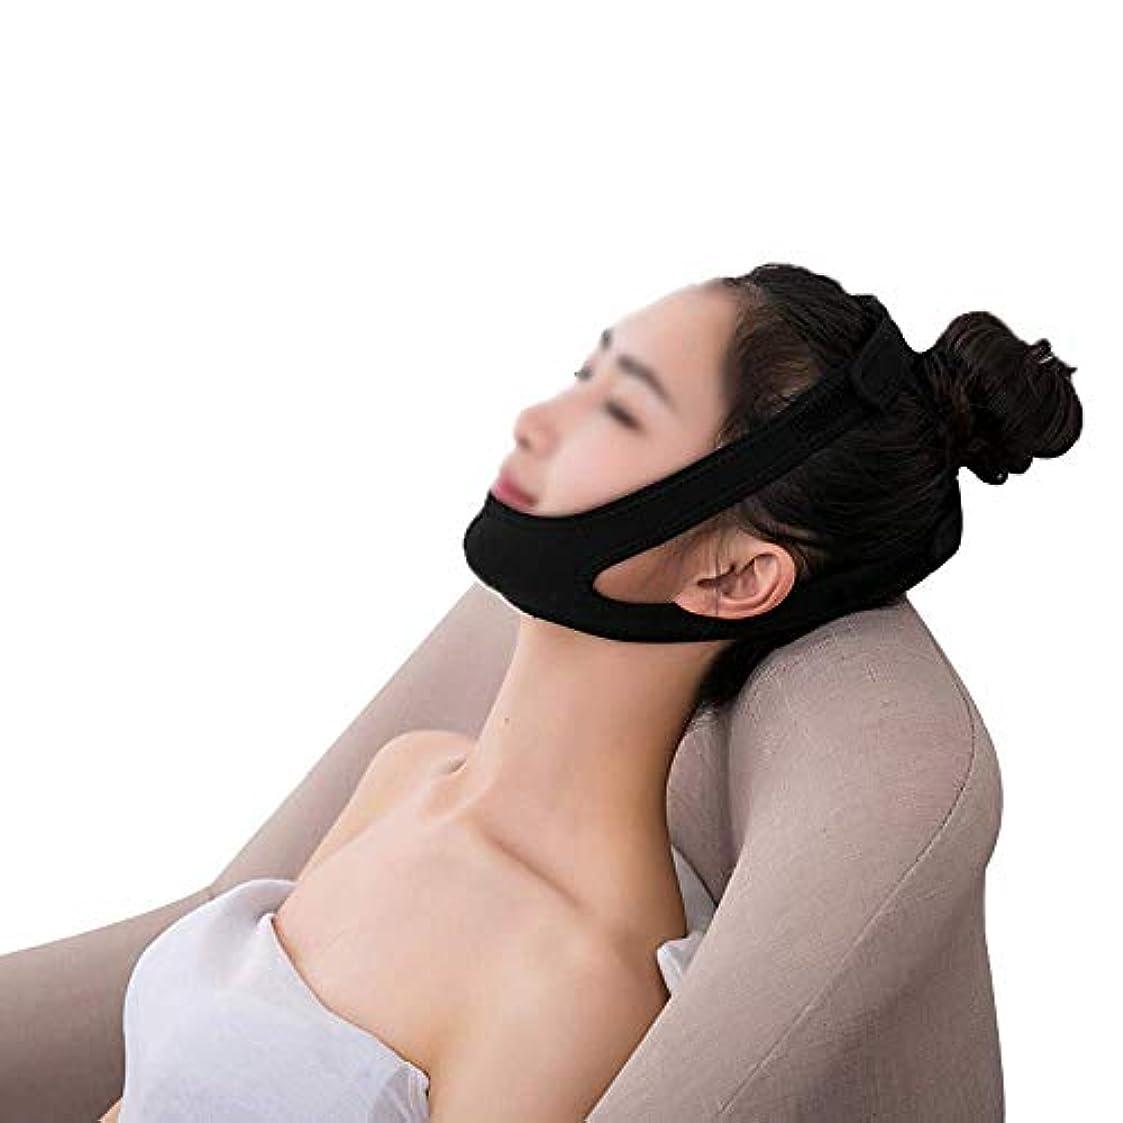 セーブ隠された豆腐ファーミングフェイスマスク、術後リフティングマスクホーム包帯揺れネットワーク赤女性vフェイスステッカーストラップ楽器顔アーティファクト